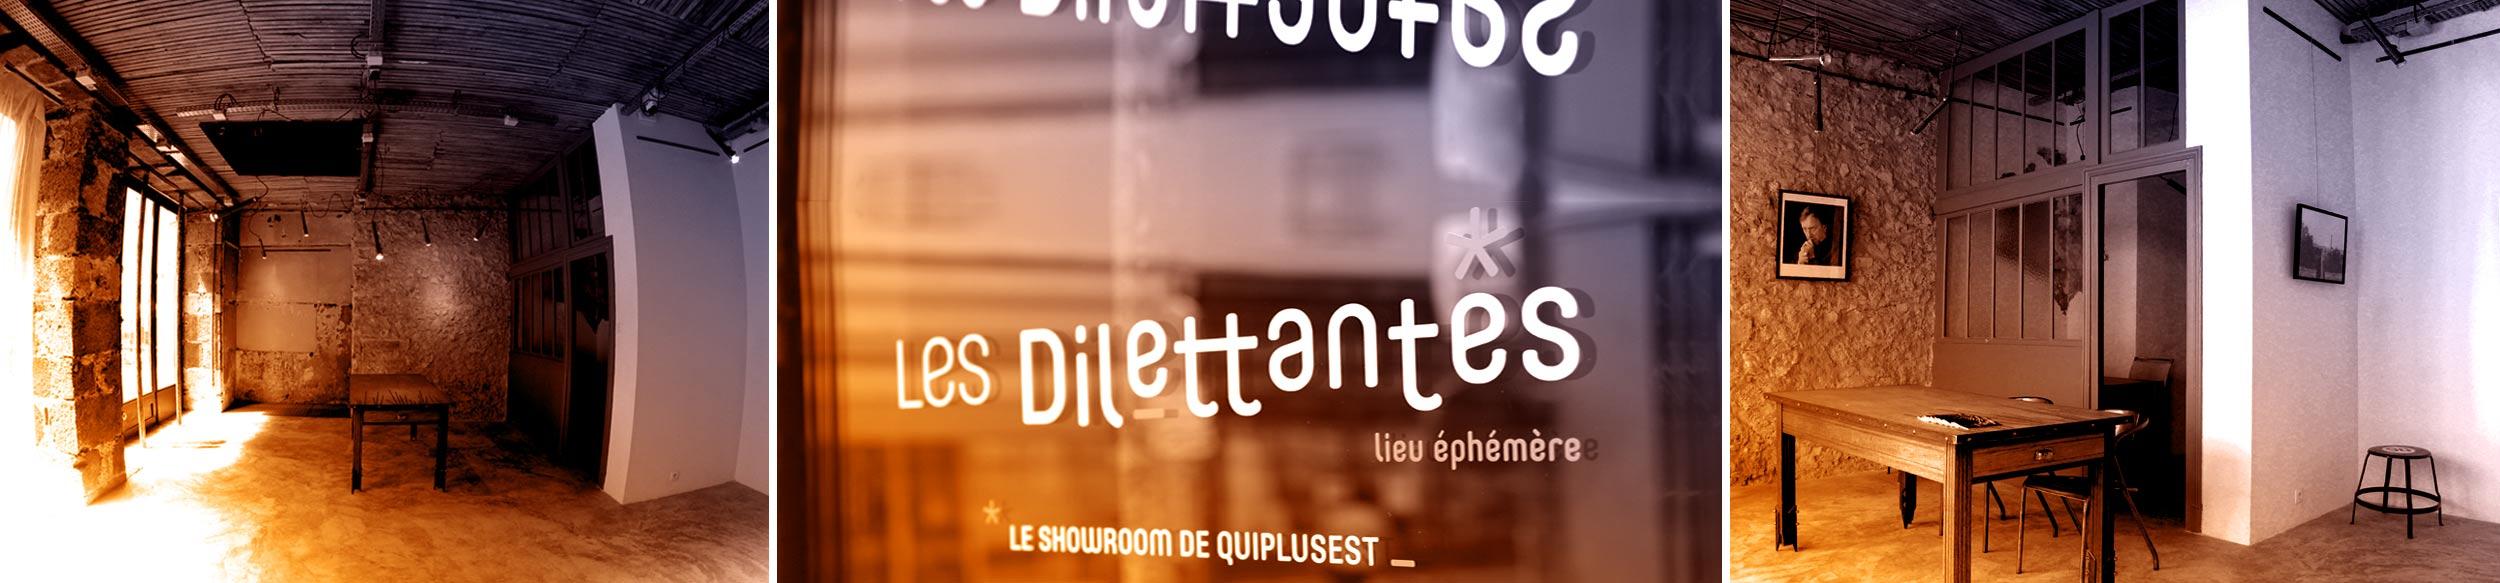 Showroom Les Dilettantes * | Lieu événementiel sur Clermont-Ferrand, Auvergne